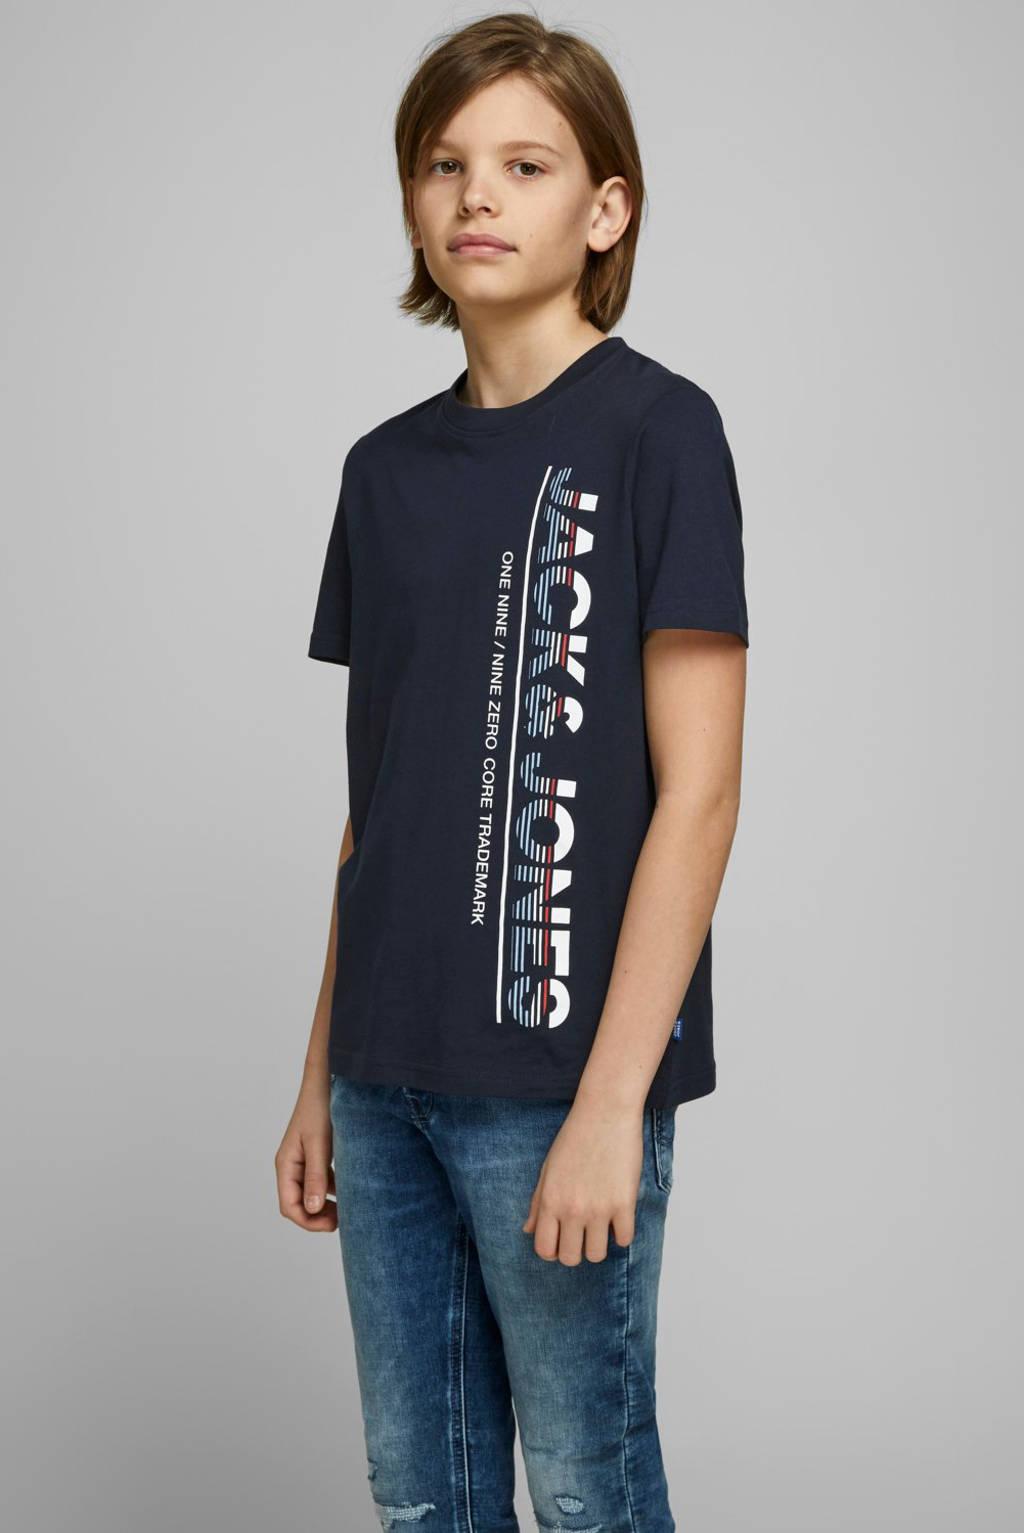 JACK & JONES JUNIOR T-shirt Structure met printopdruk donkerblauw, Donkerblauw